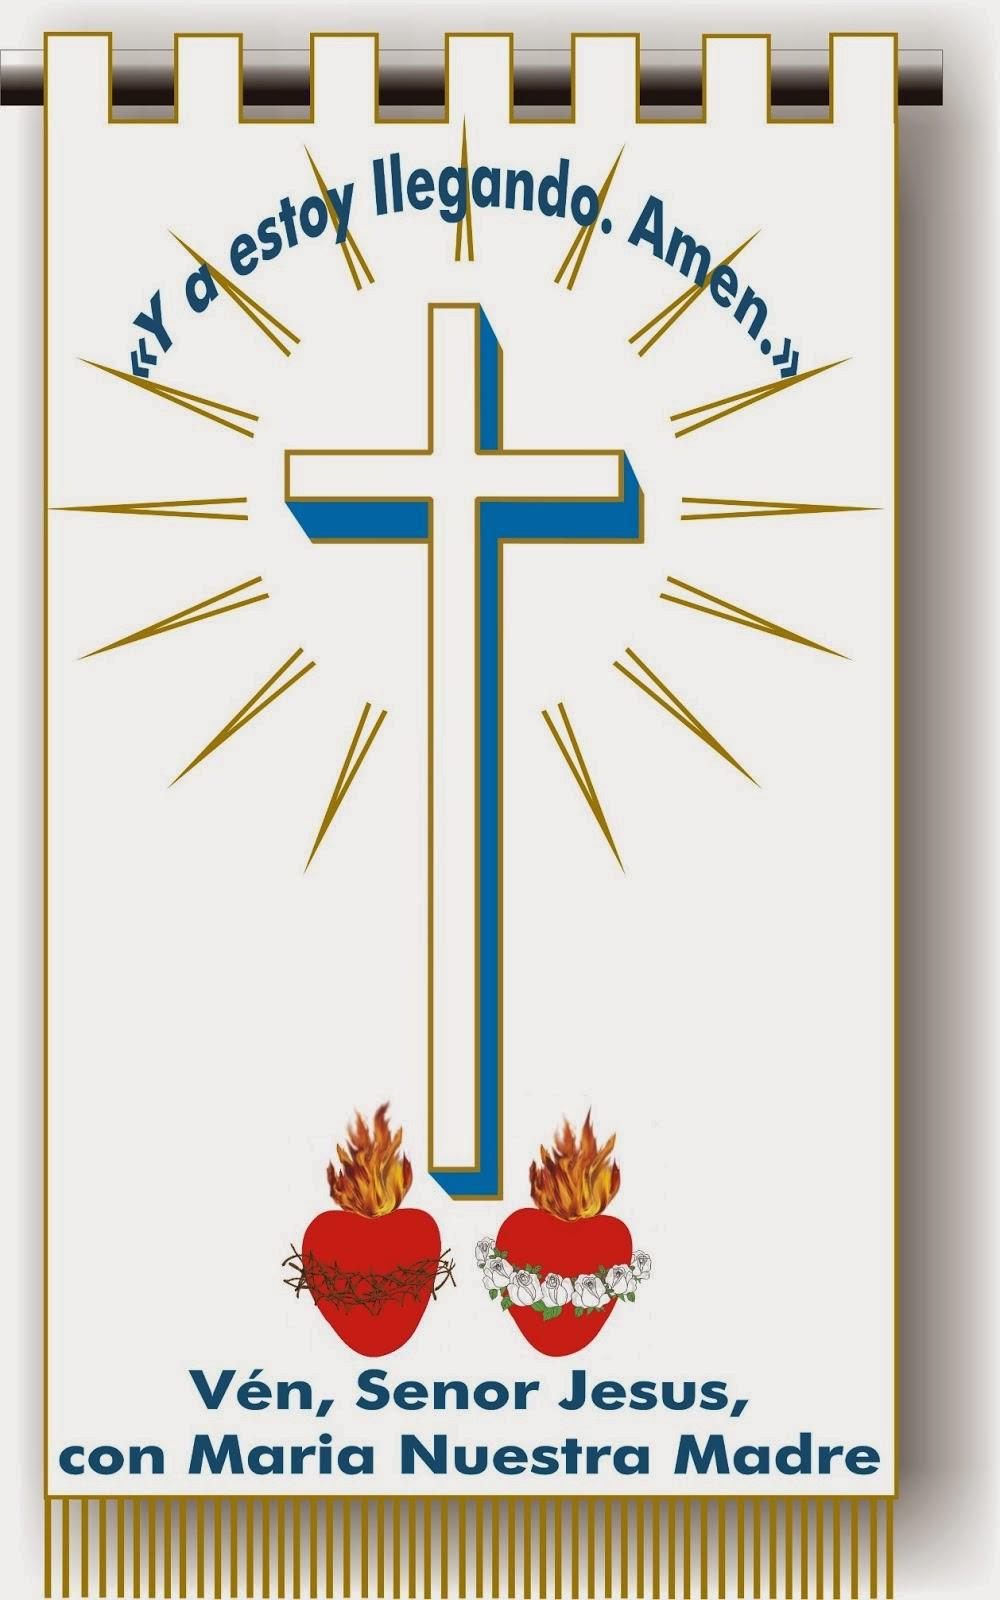 Mensajes de Jesús y María